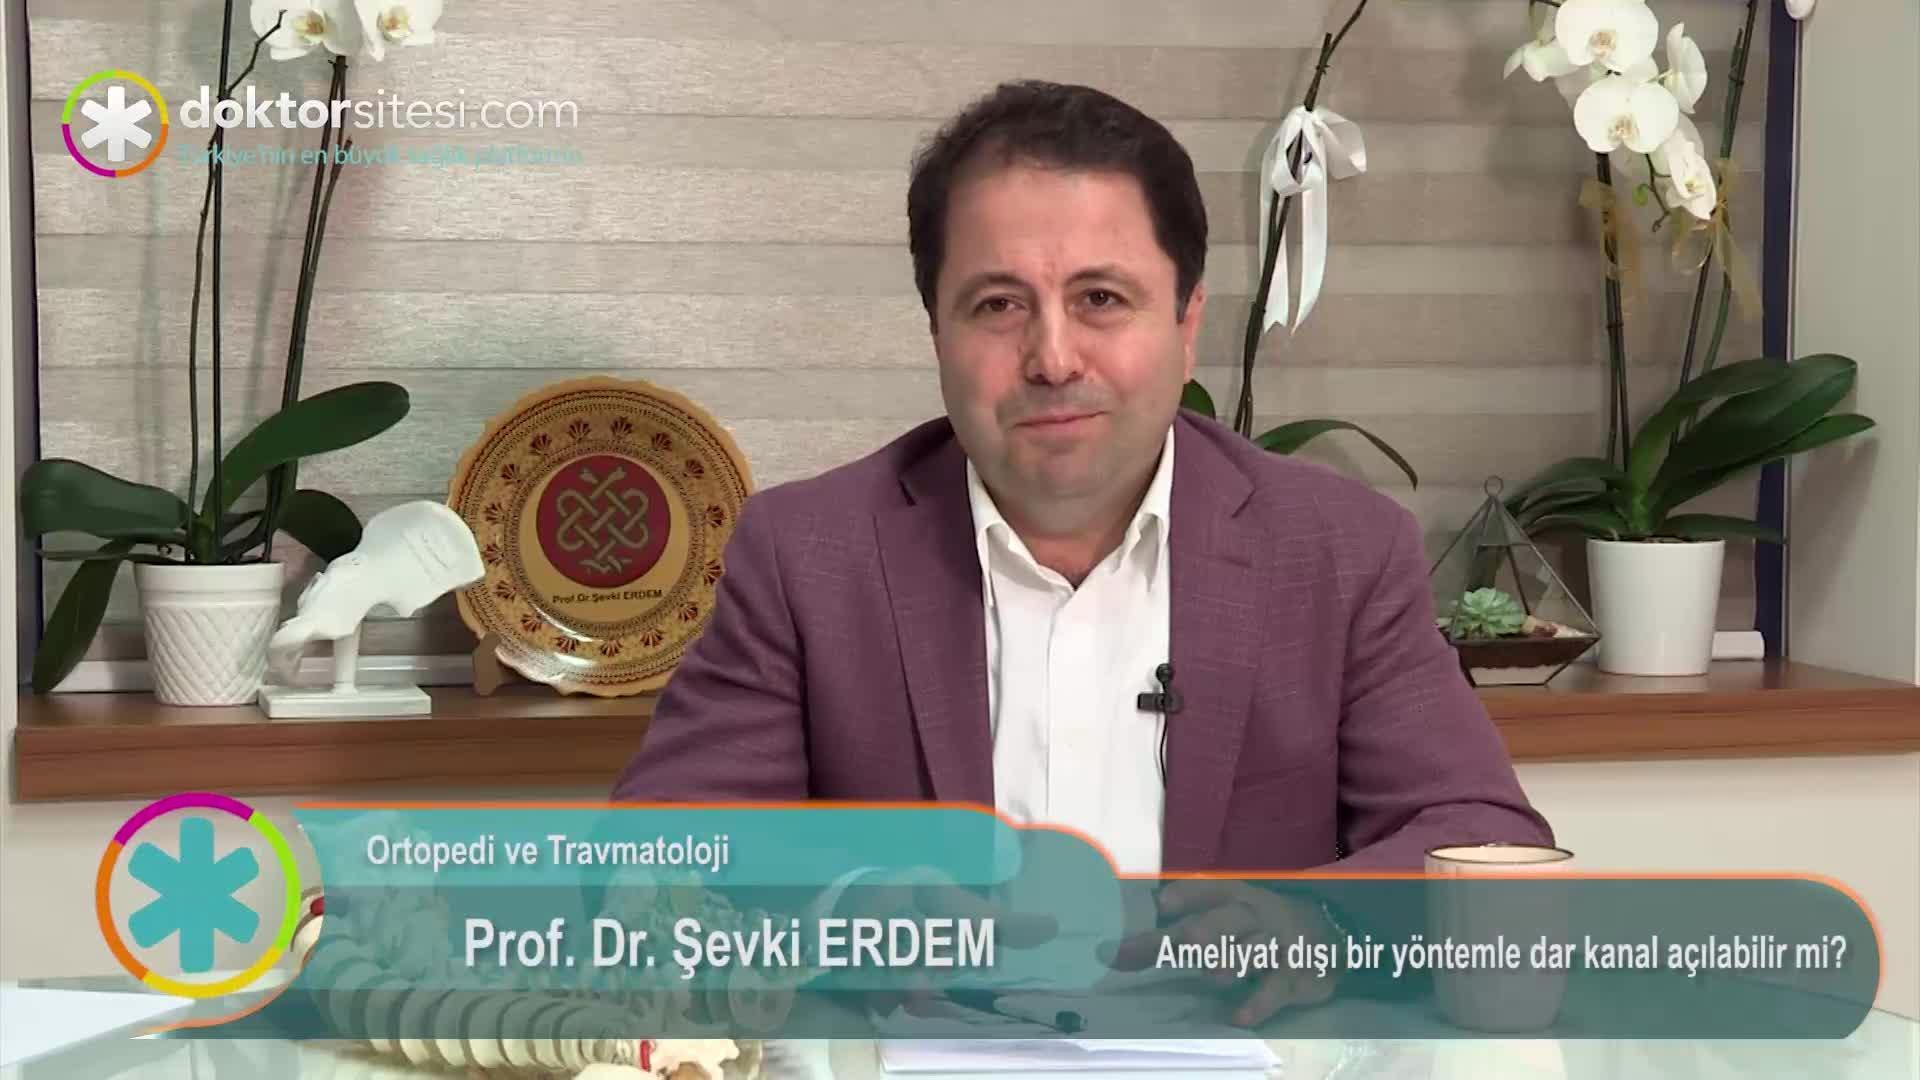 """Ameliyat dışı bir yöntemle dar kanal açılabilir mi? """"Prof. Dr. Şevki  ERDEM"""""""